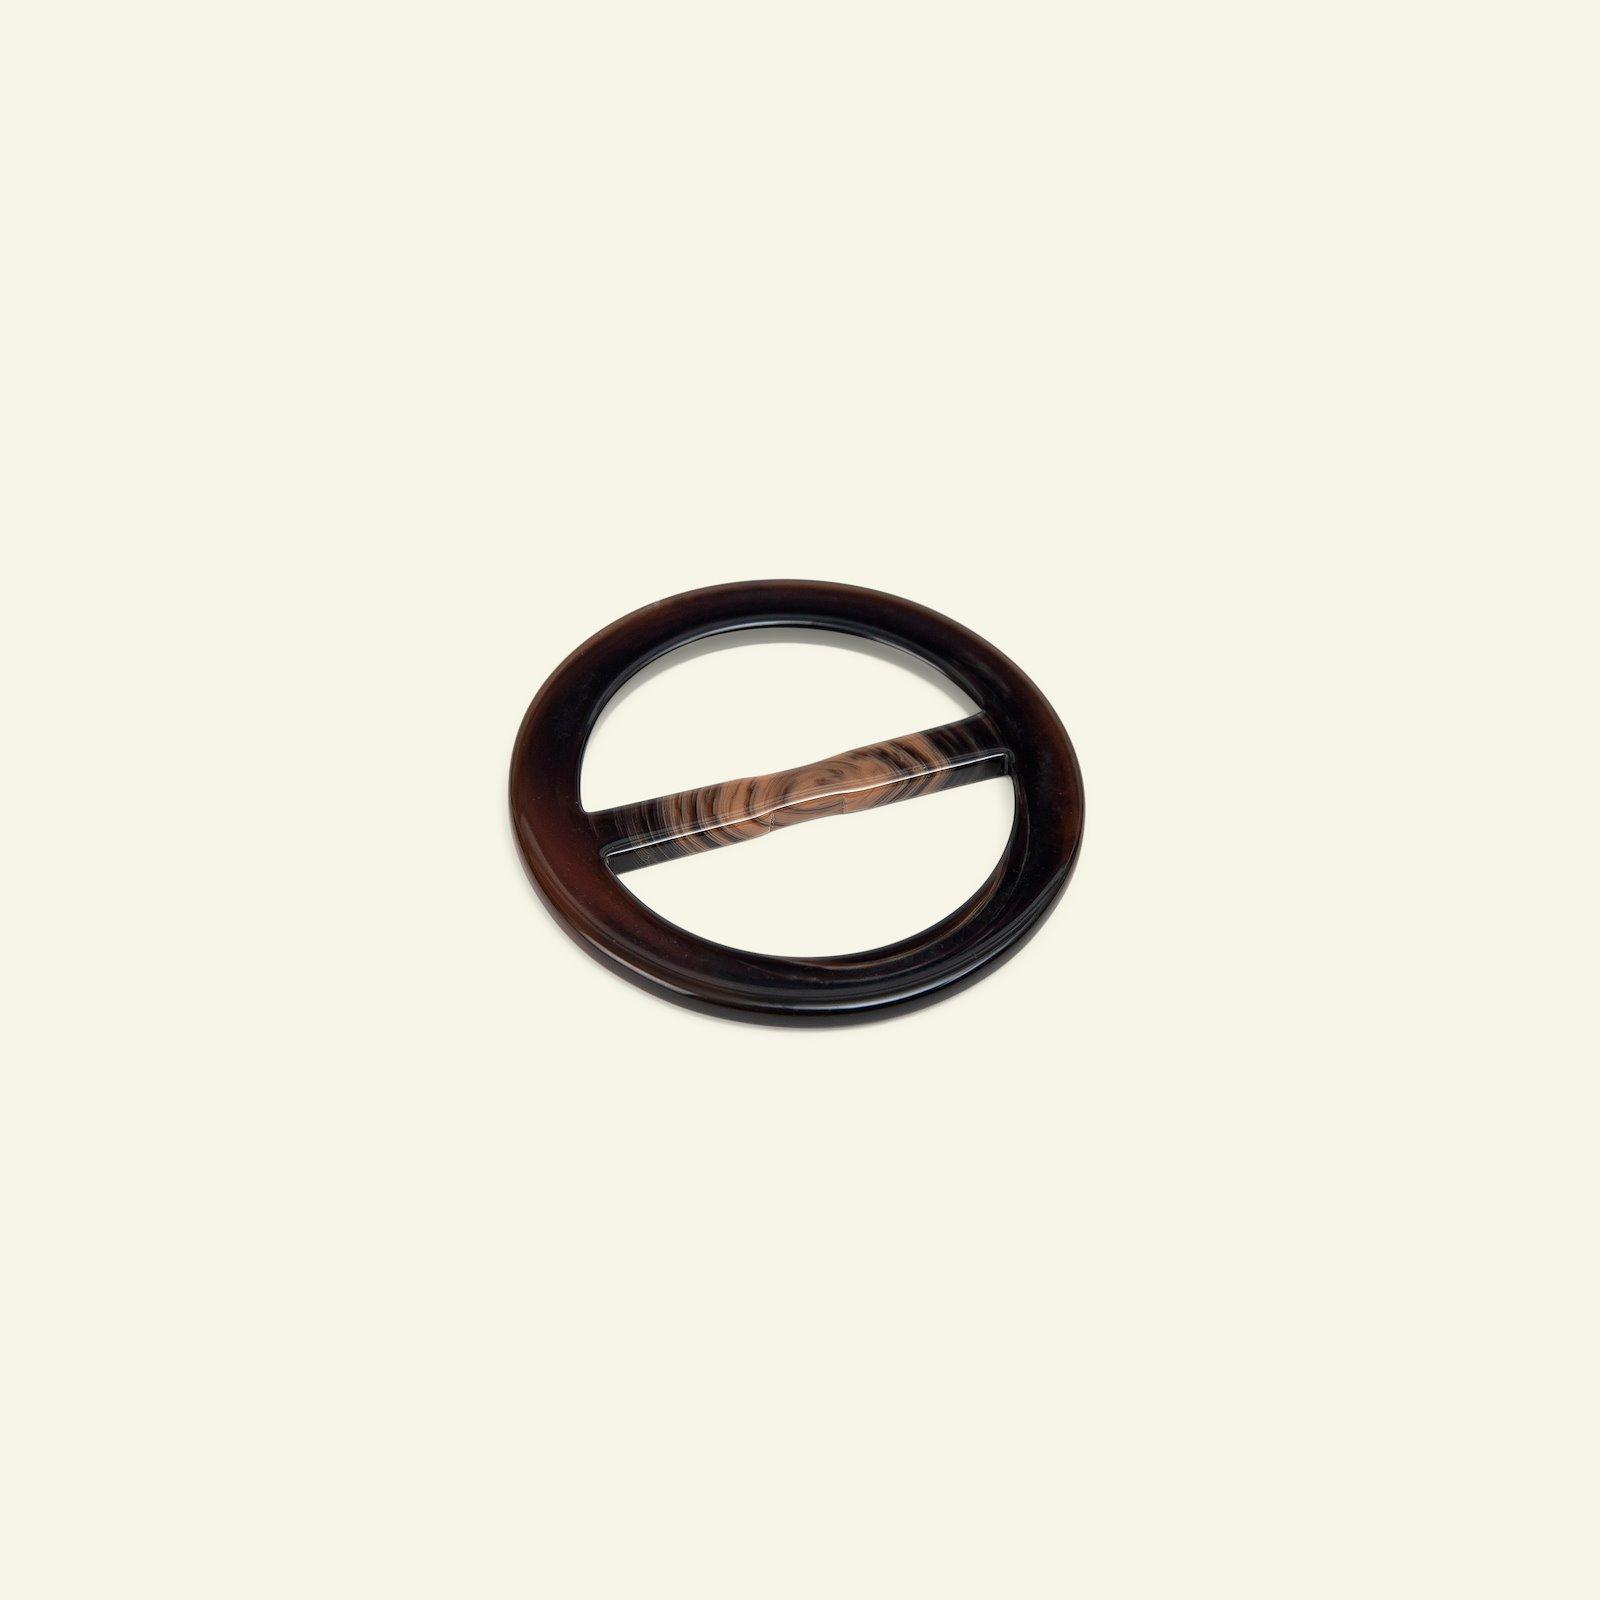 Beltbuckle round 57/40mm dark brown 1 pc 43233_pack